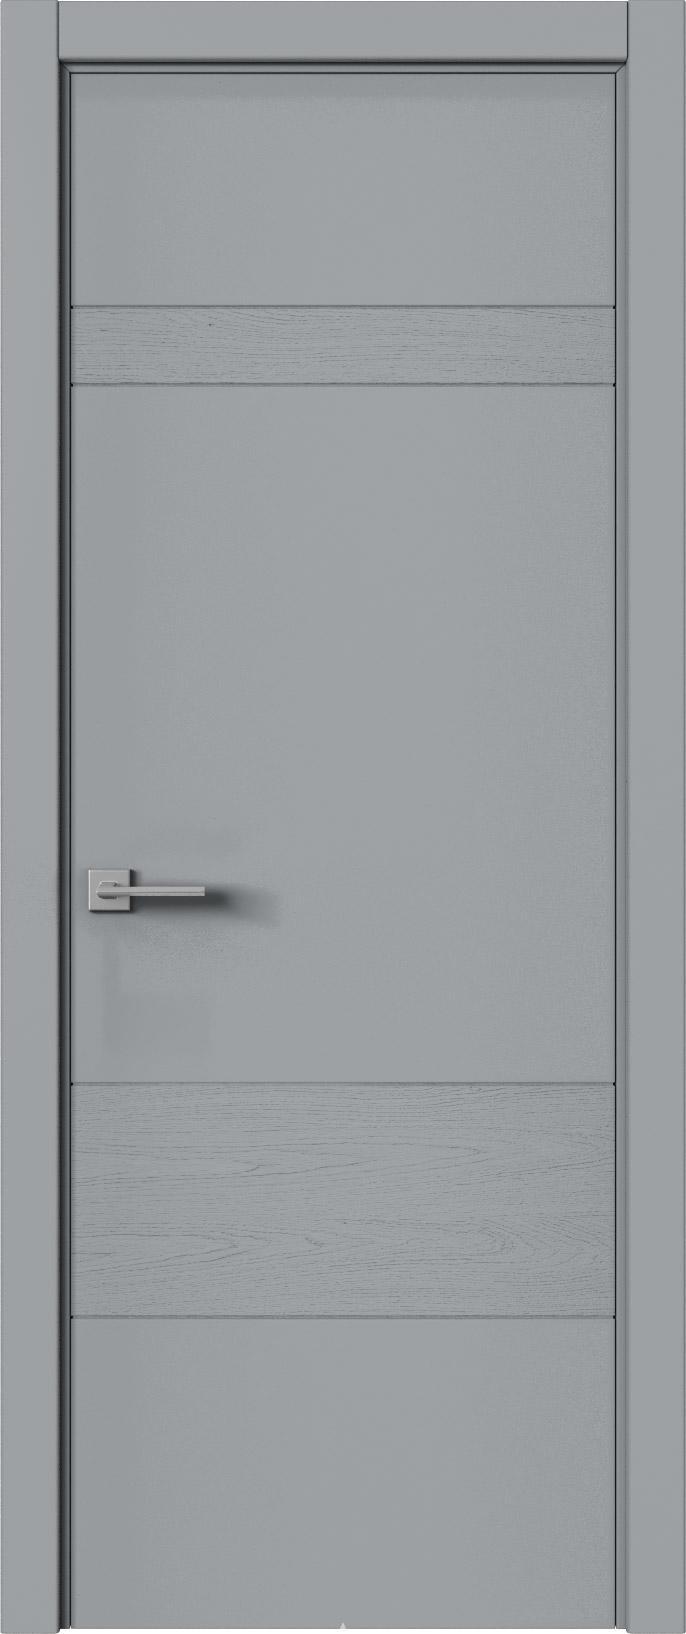 Tivoli К-2 цвет - Серебристо-серая эмаль-эмаль по шпону (RAL 7045) Без стекла (ДГ)